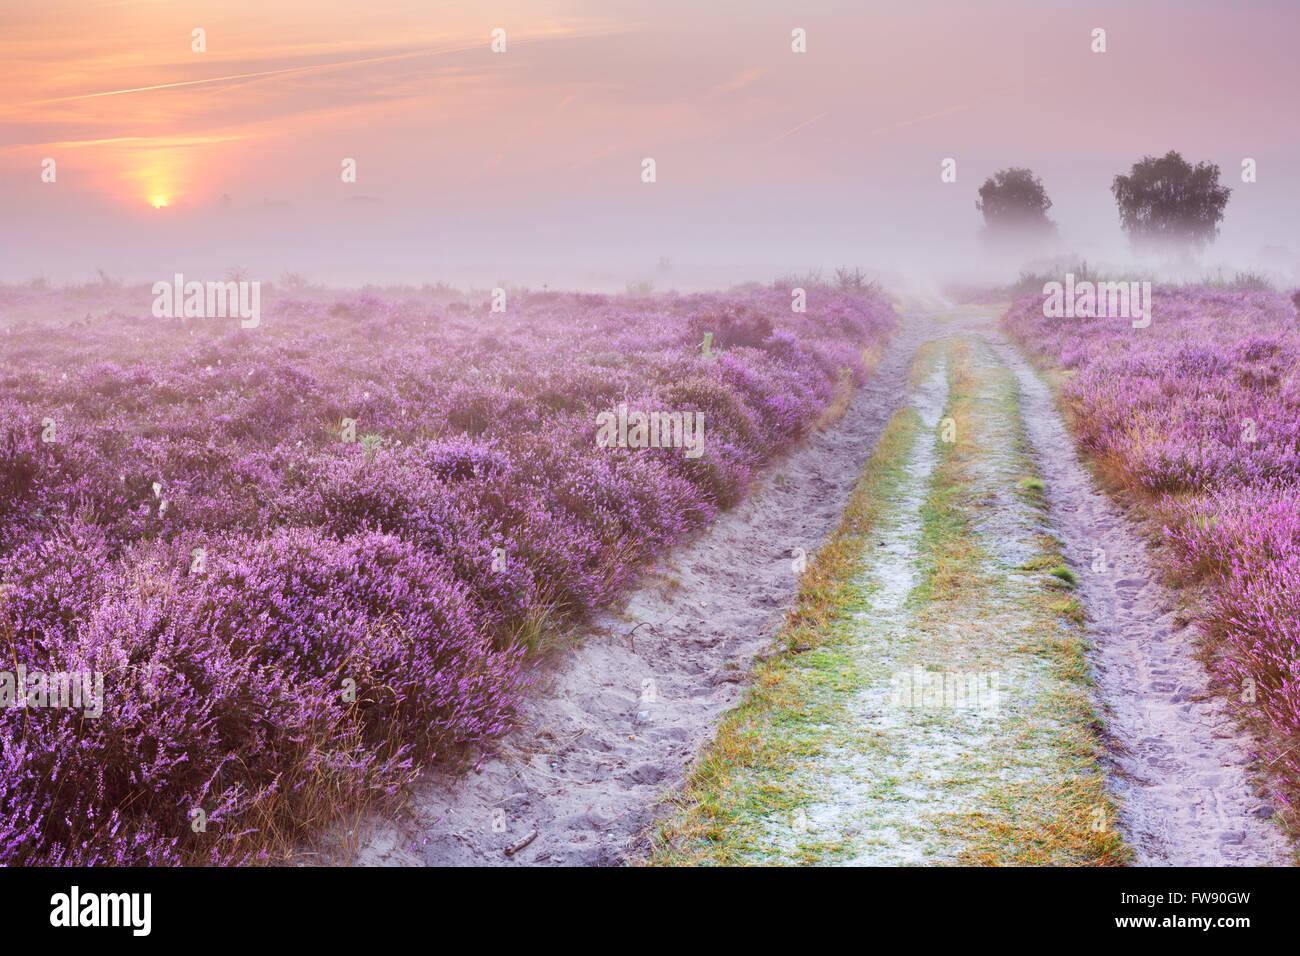 Weg durch blühende Heide an einem nebligen Morgen bei Sonnenaufgang. Fotografiert in der Nähe von Hilversum Stockbild